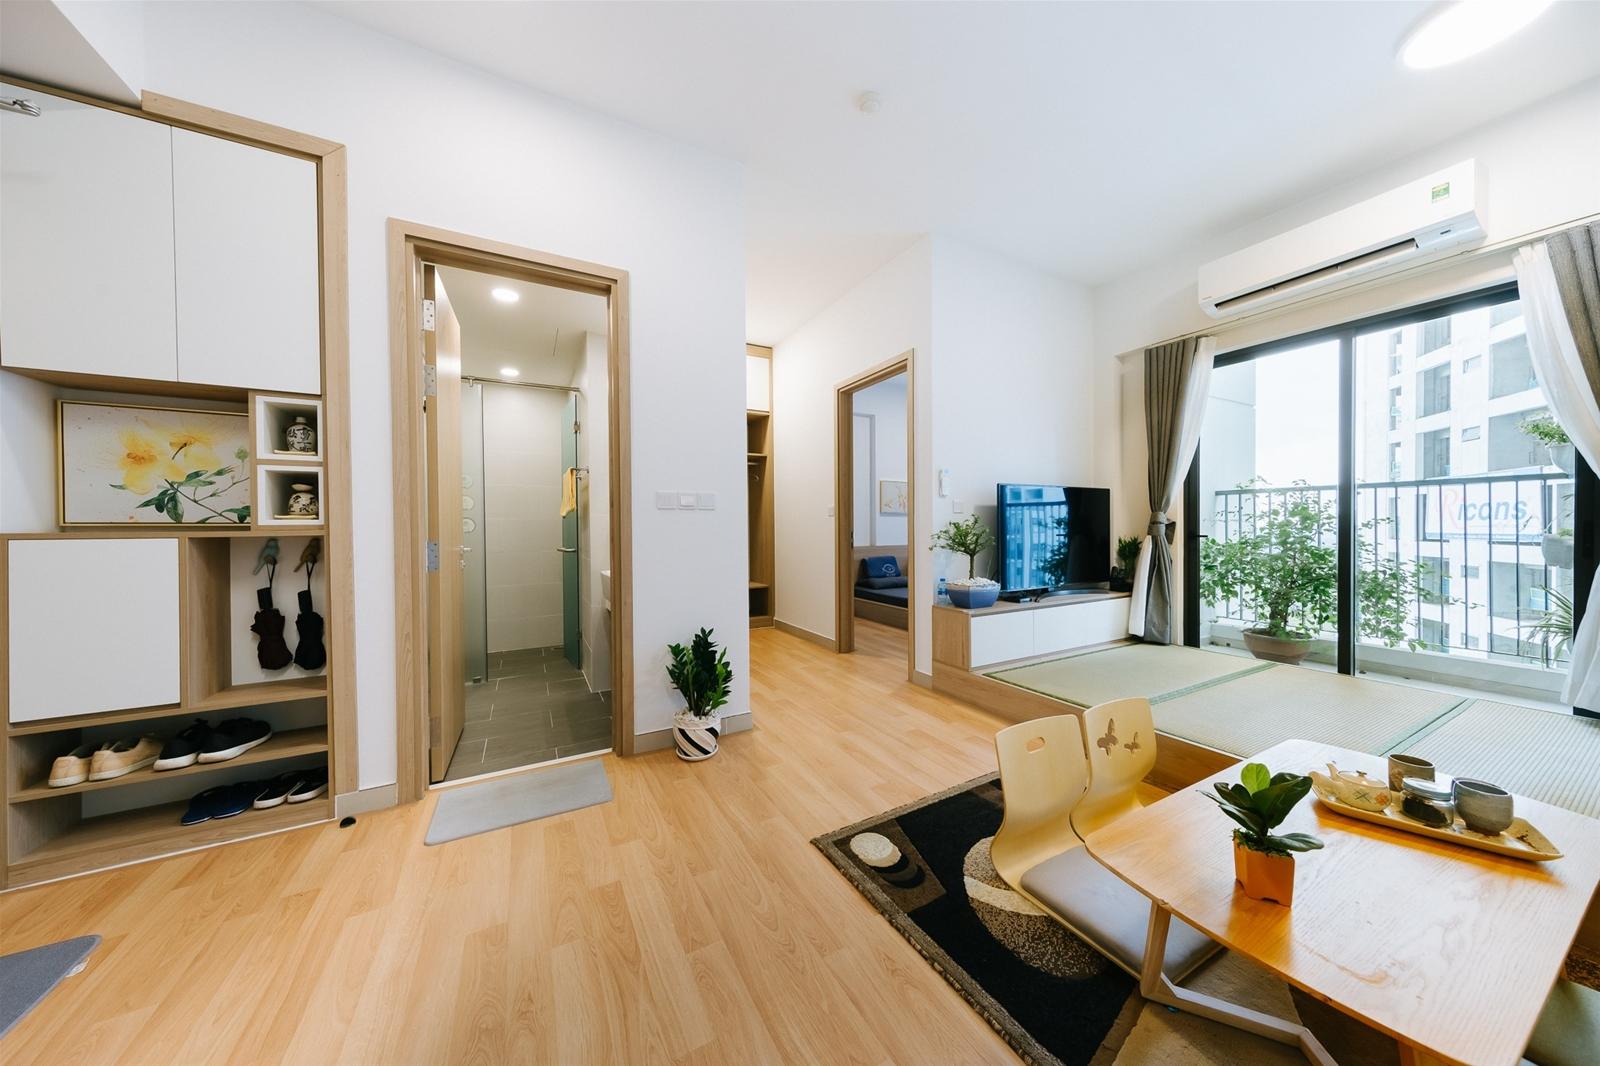 Kinh nghiệm cho thuê chung cư hiệu quả không thể bỏ qua.